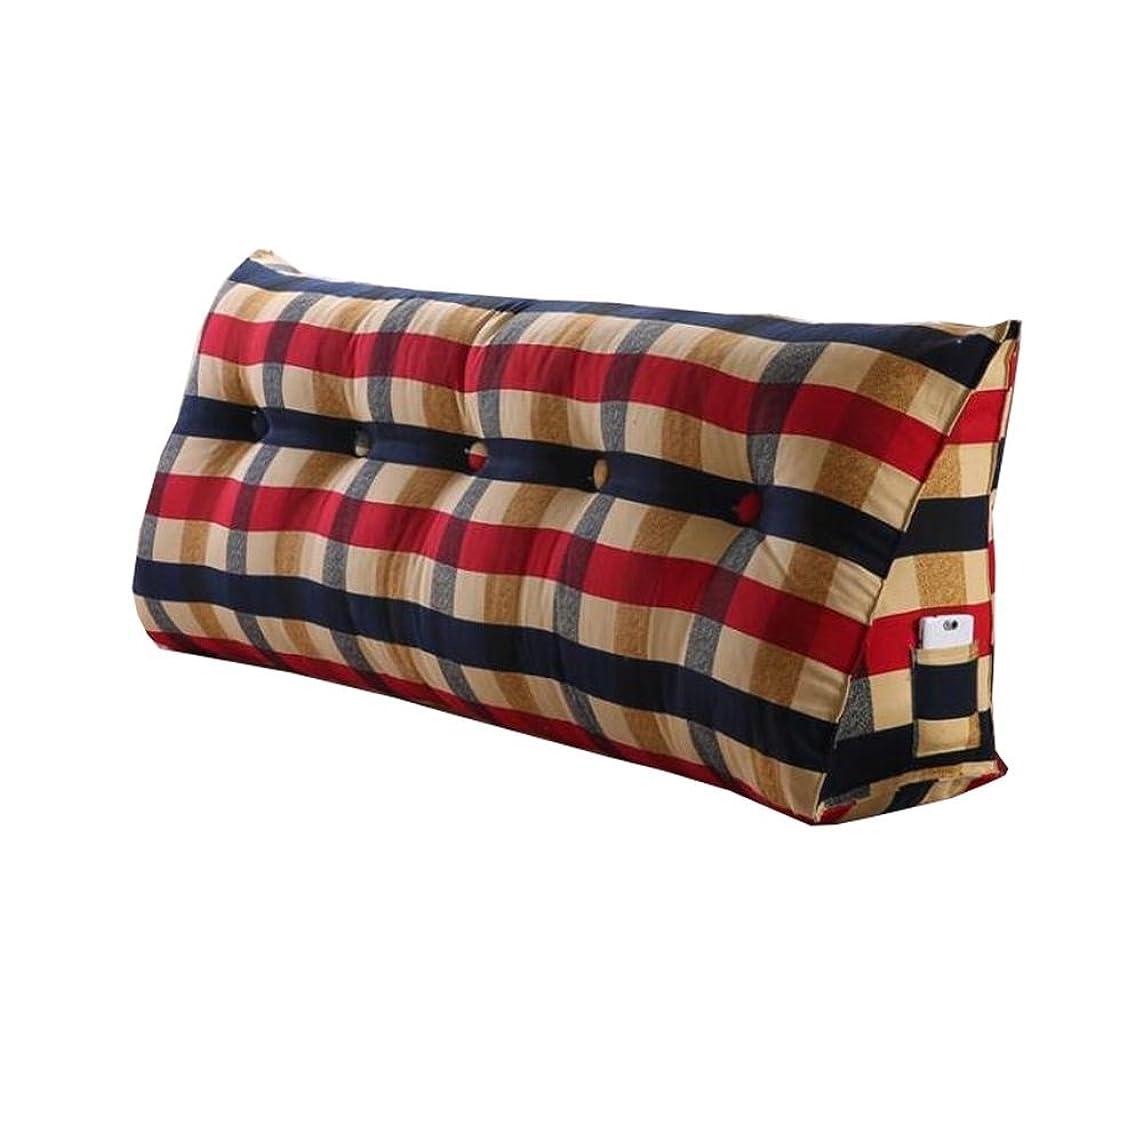 眼ワット資格情報31-luoshangqing 実用的なオフィスのベッドサイドソファのウエストクッション三角形のベッドサイドクッション取り外し可能および洗えるシングル/ダブル格子柄ピローベッド背もたれソファソフトバッグクッションを読むDddlt-枕とクッション (サイズ : 120*50*20cm)